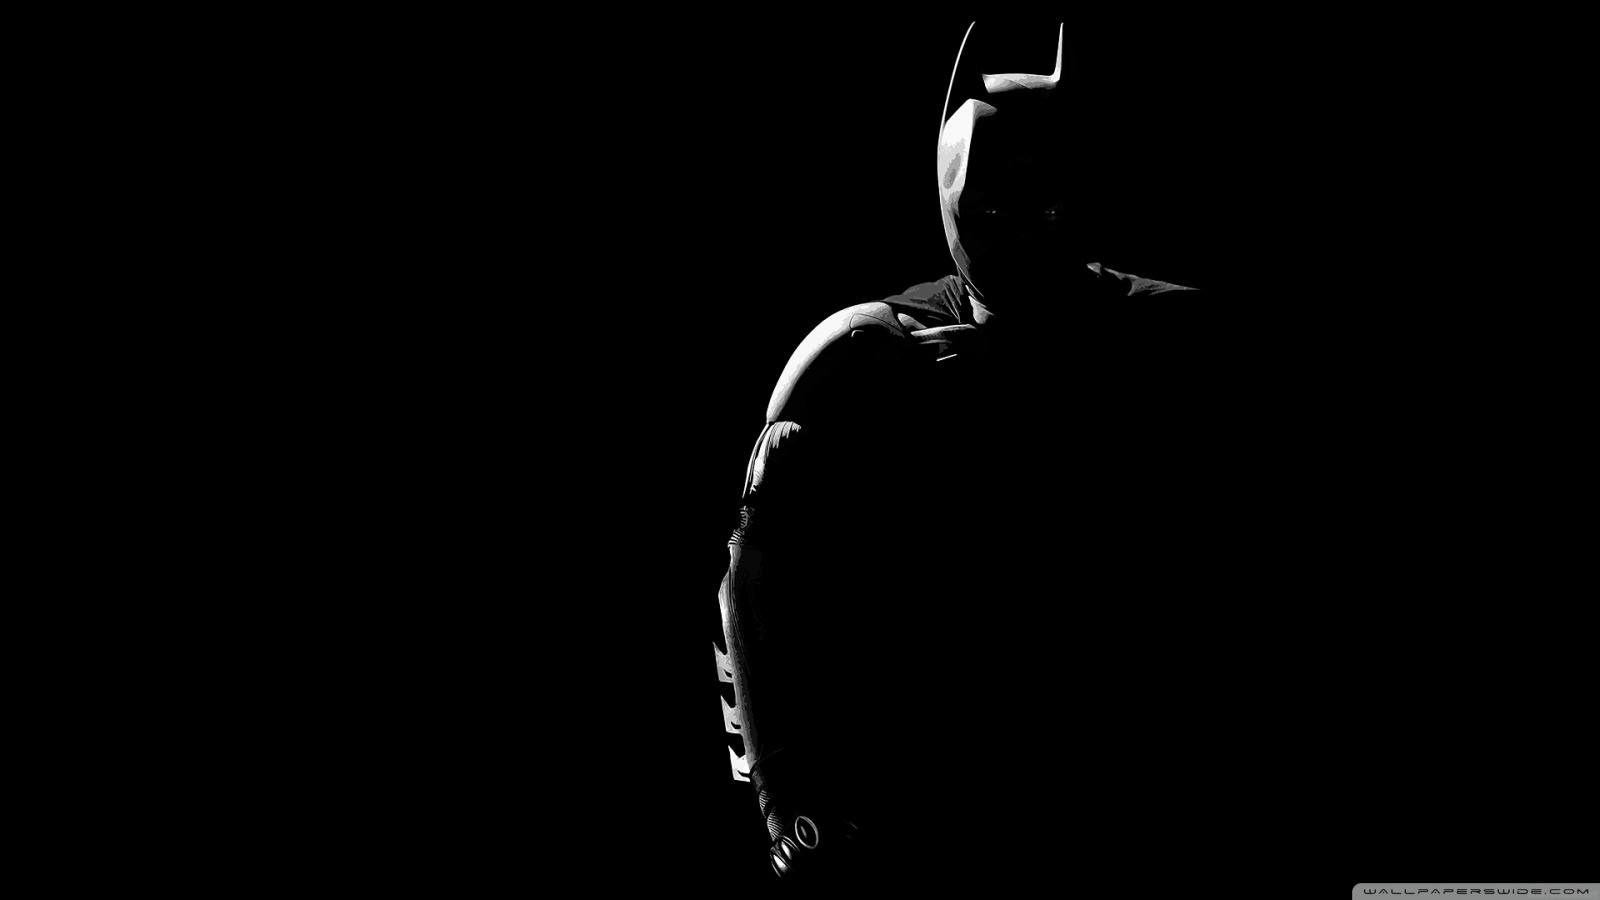 Batman Dark HD desktop wallpaper : Widescreen : High Definition